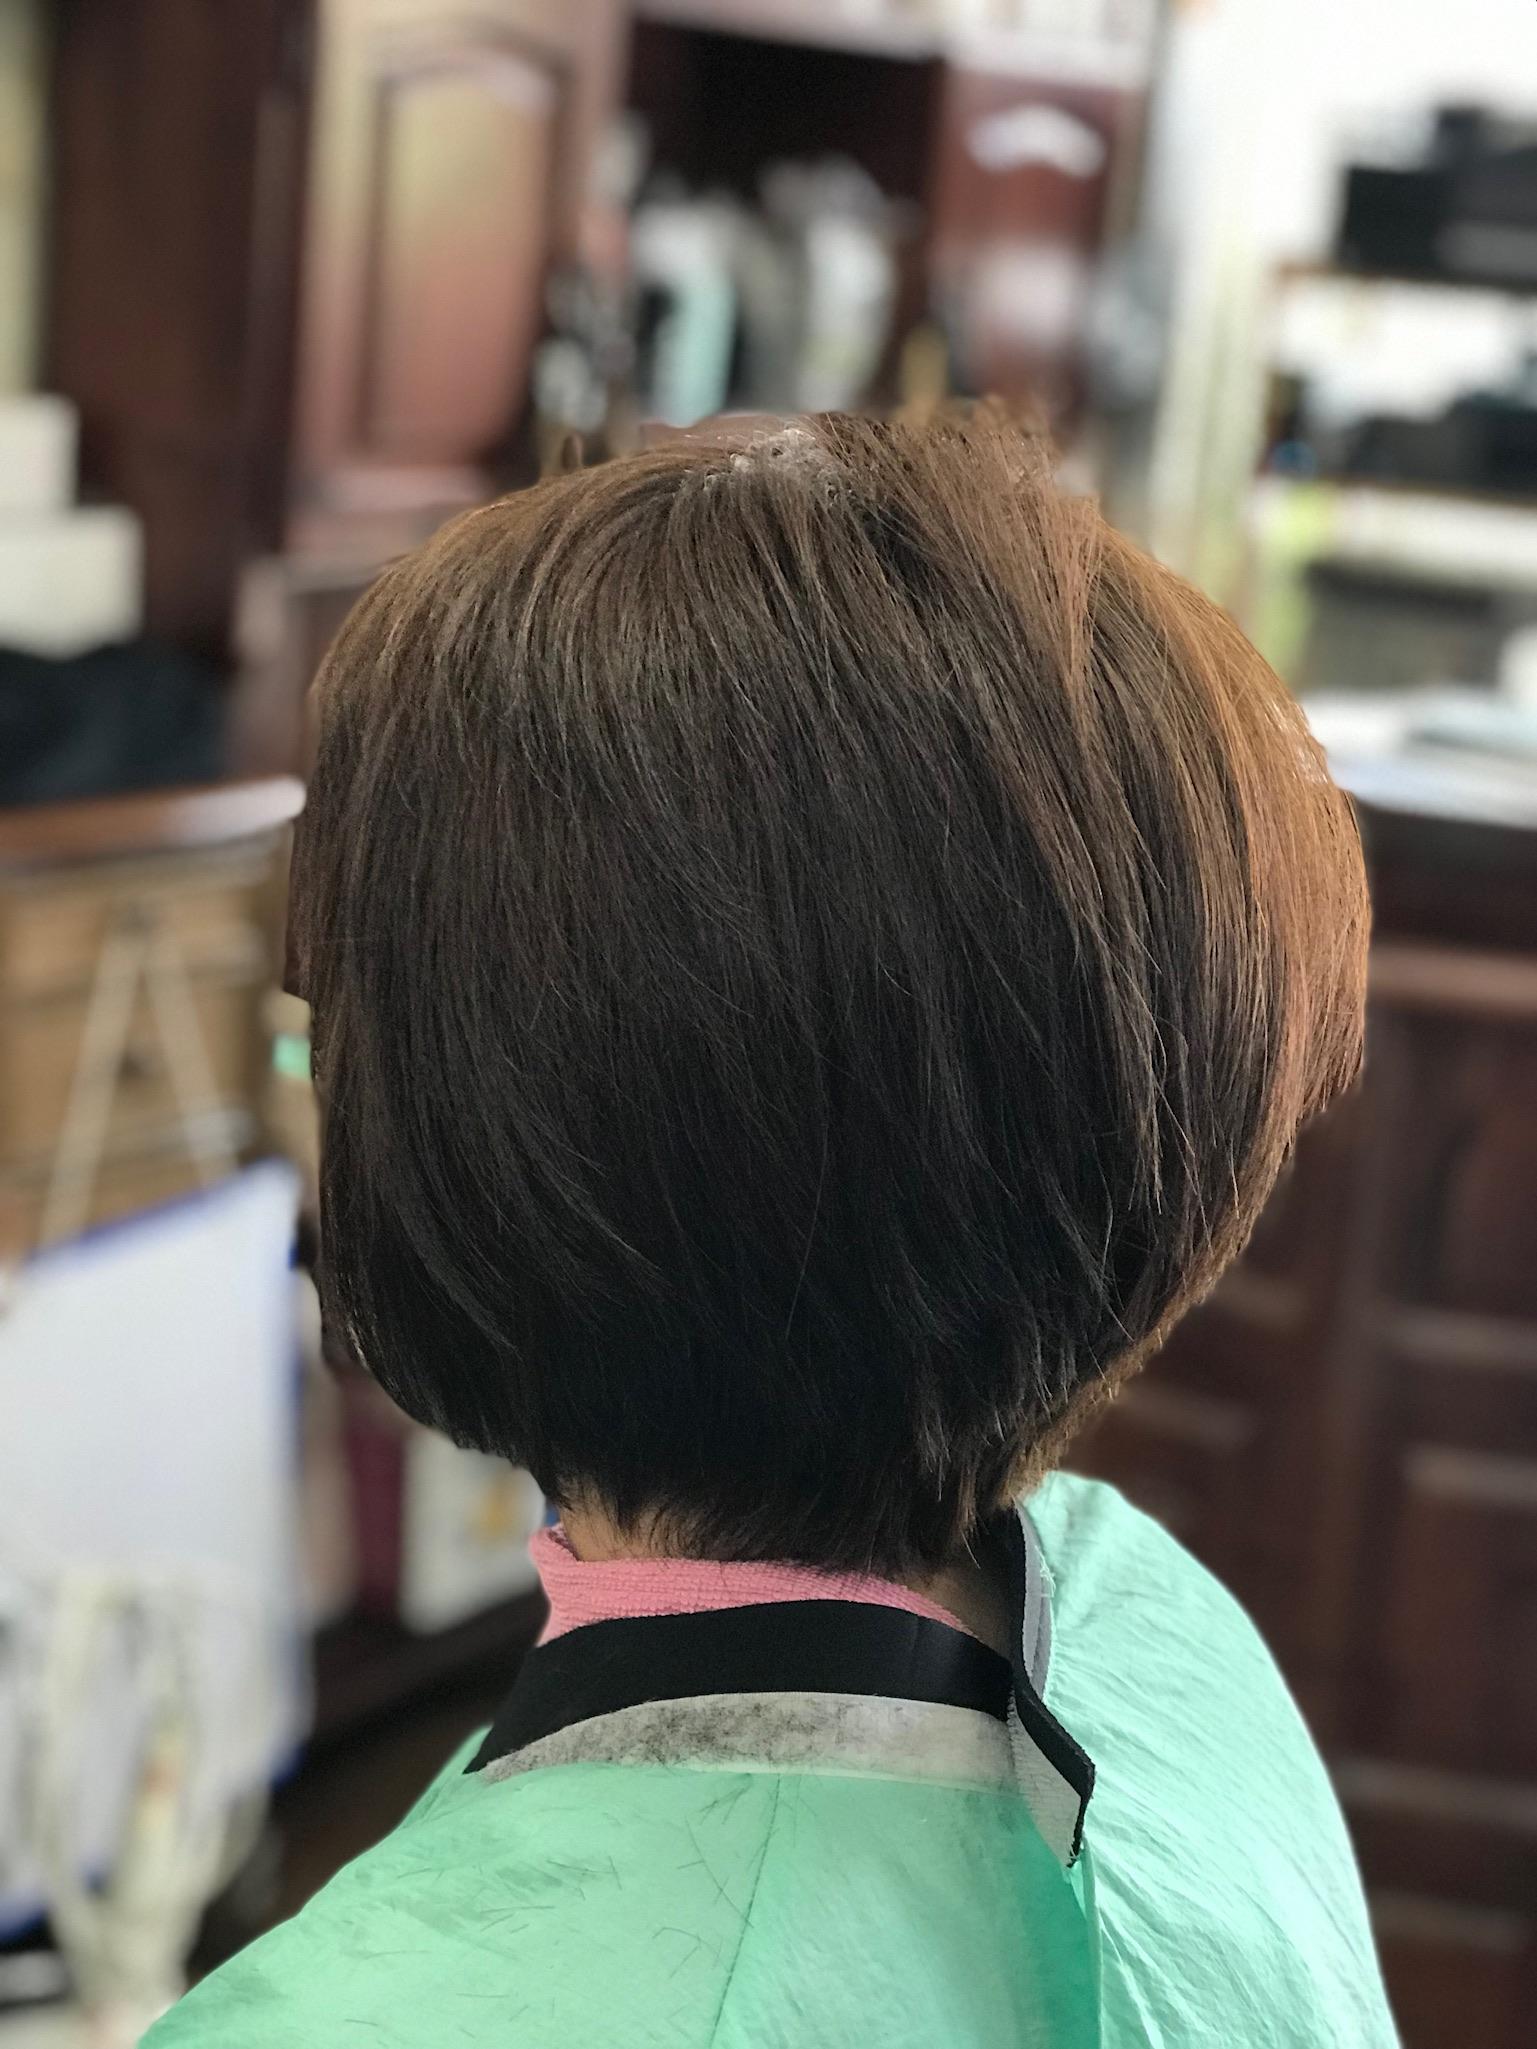 アレルギーのないヘアカラーはシンプル クリアカラー+色彩美楽